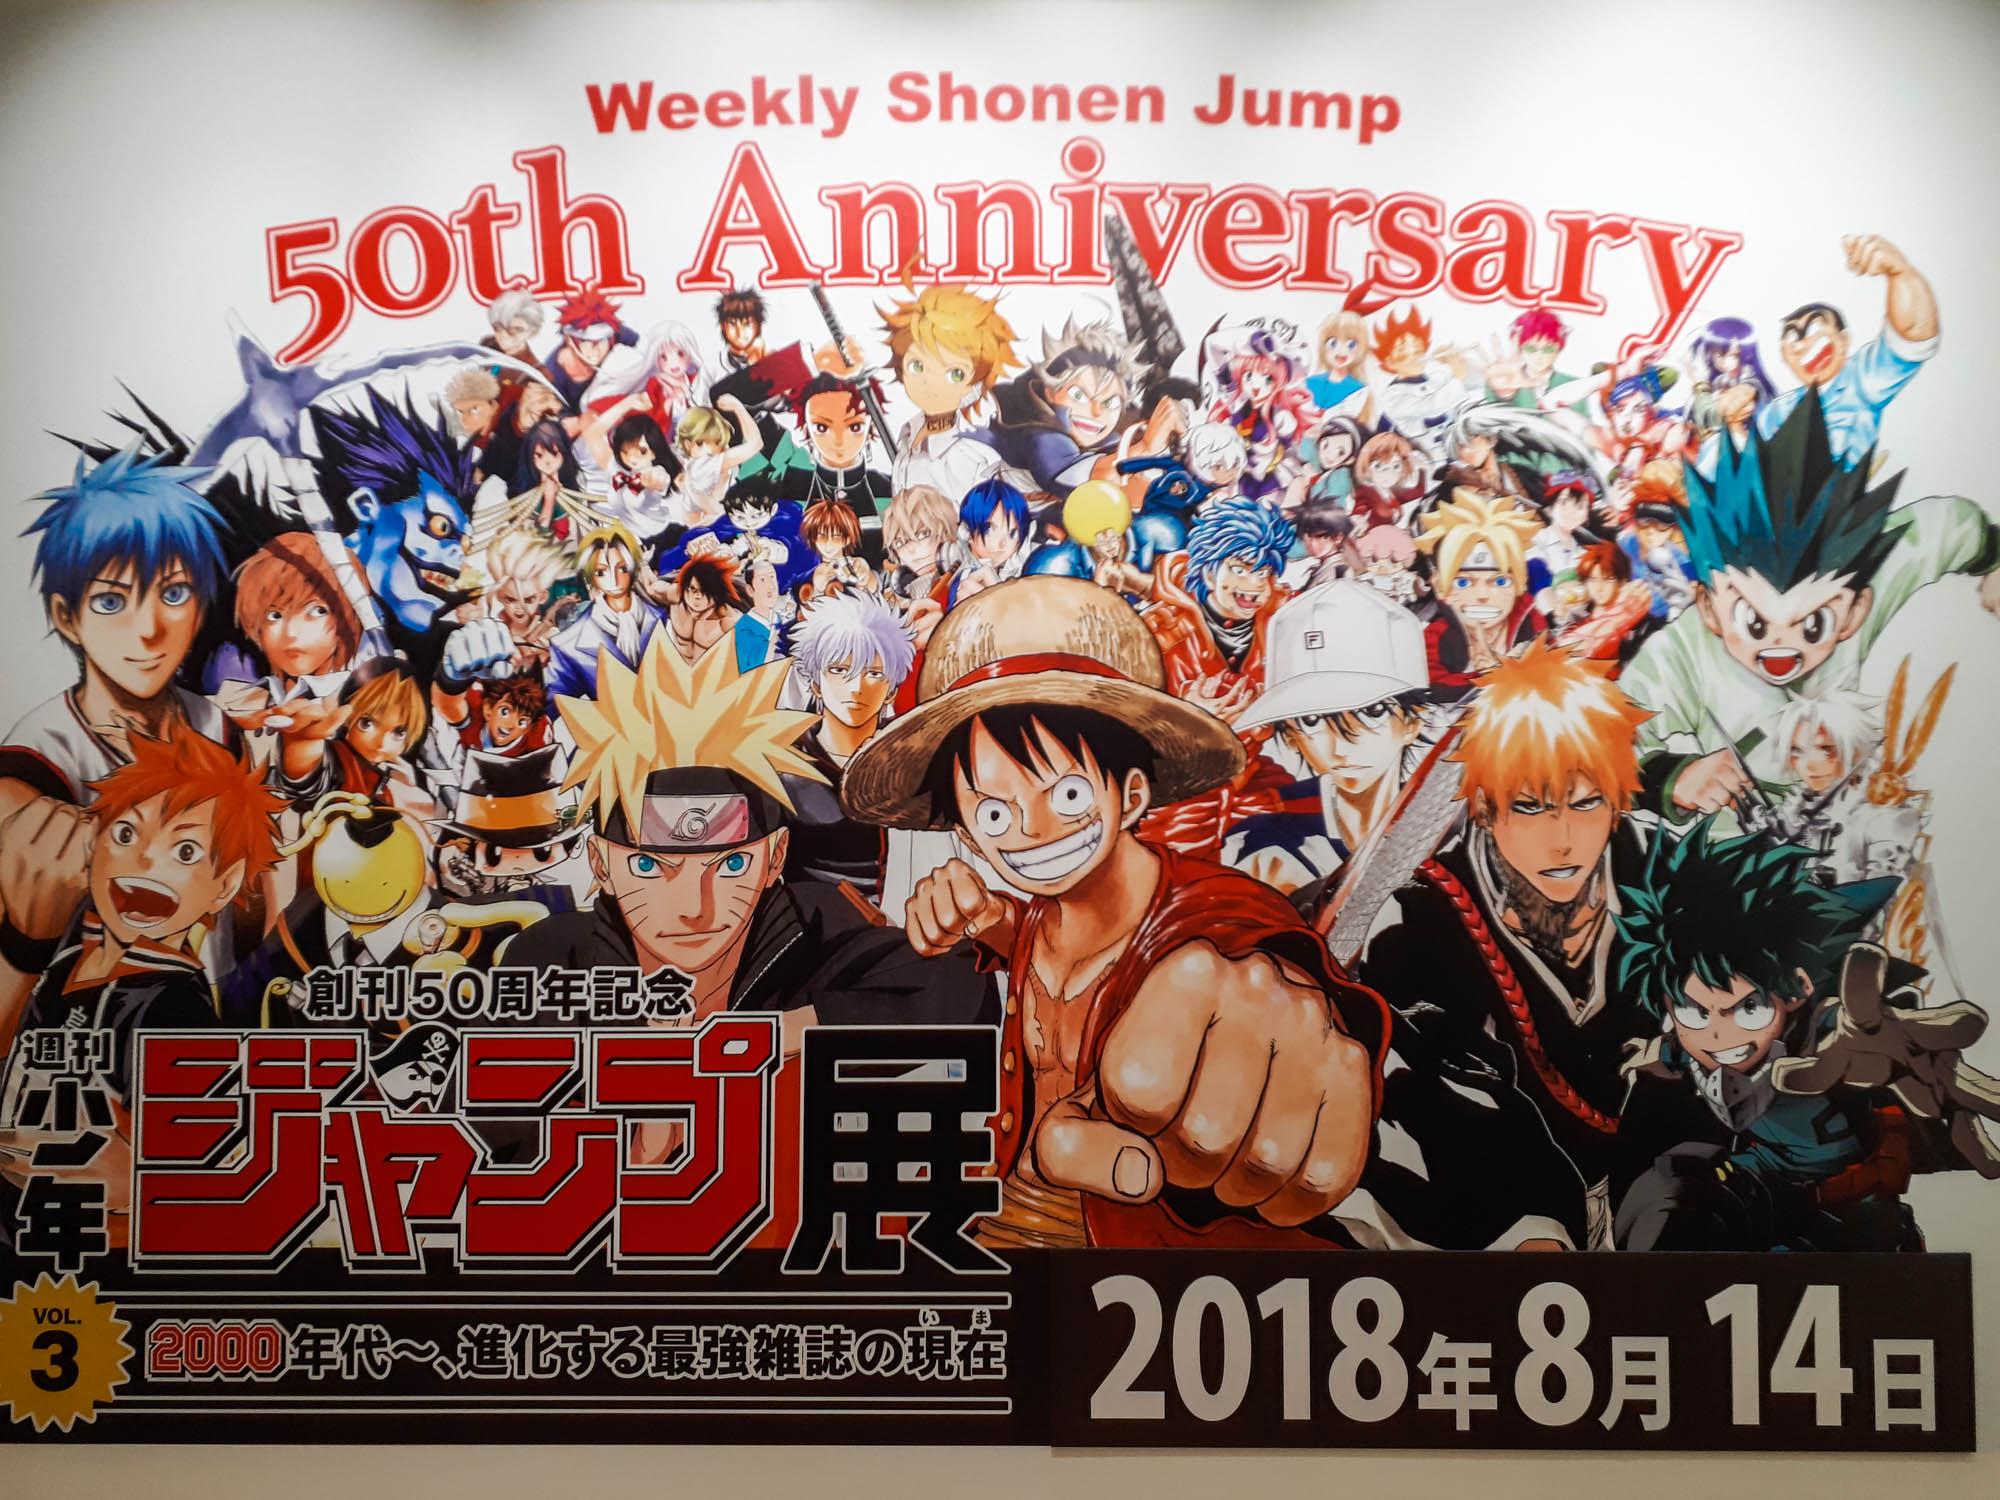 Shonen-jump